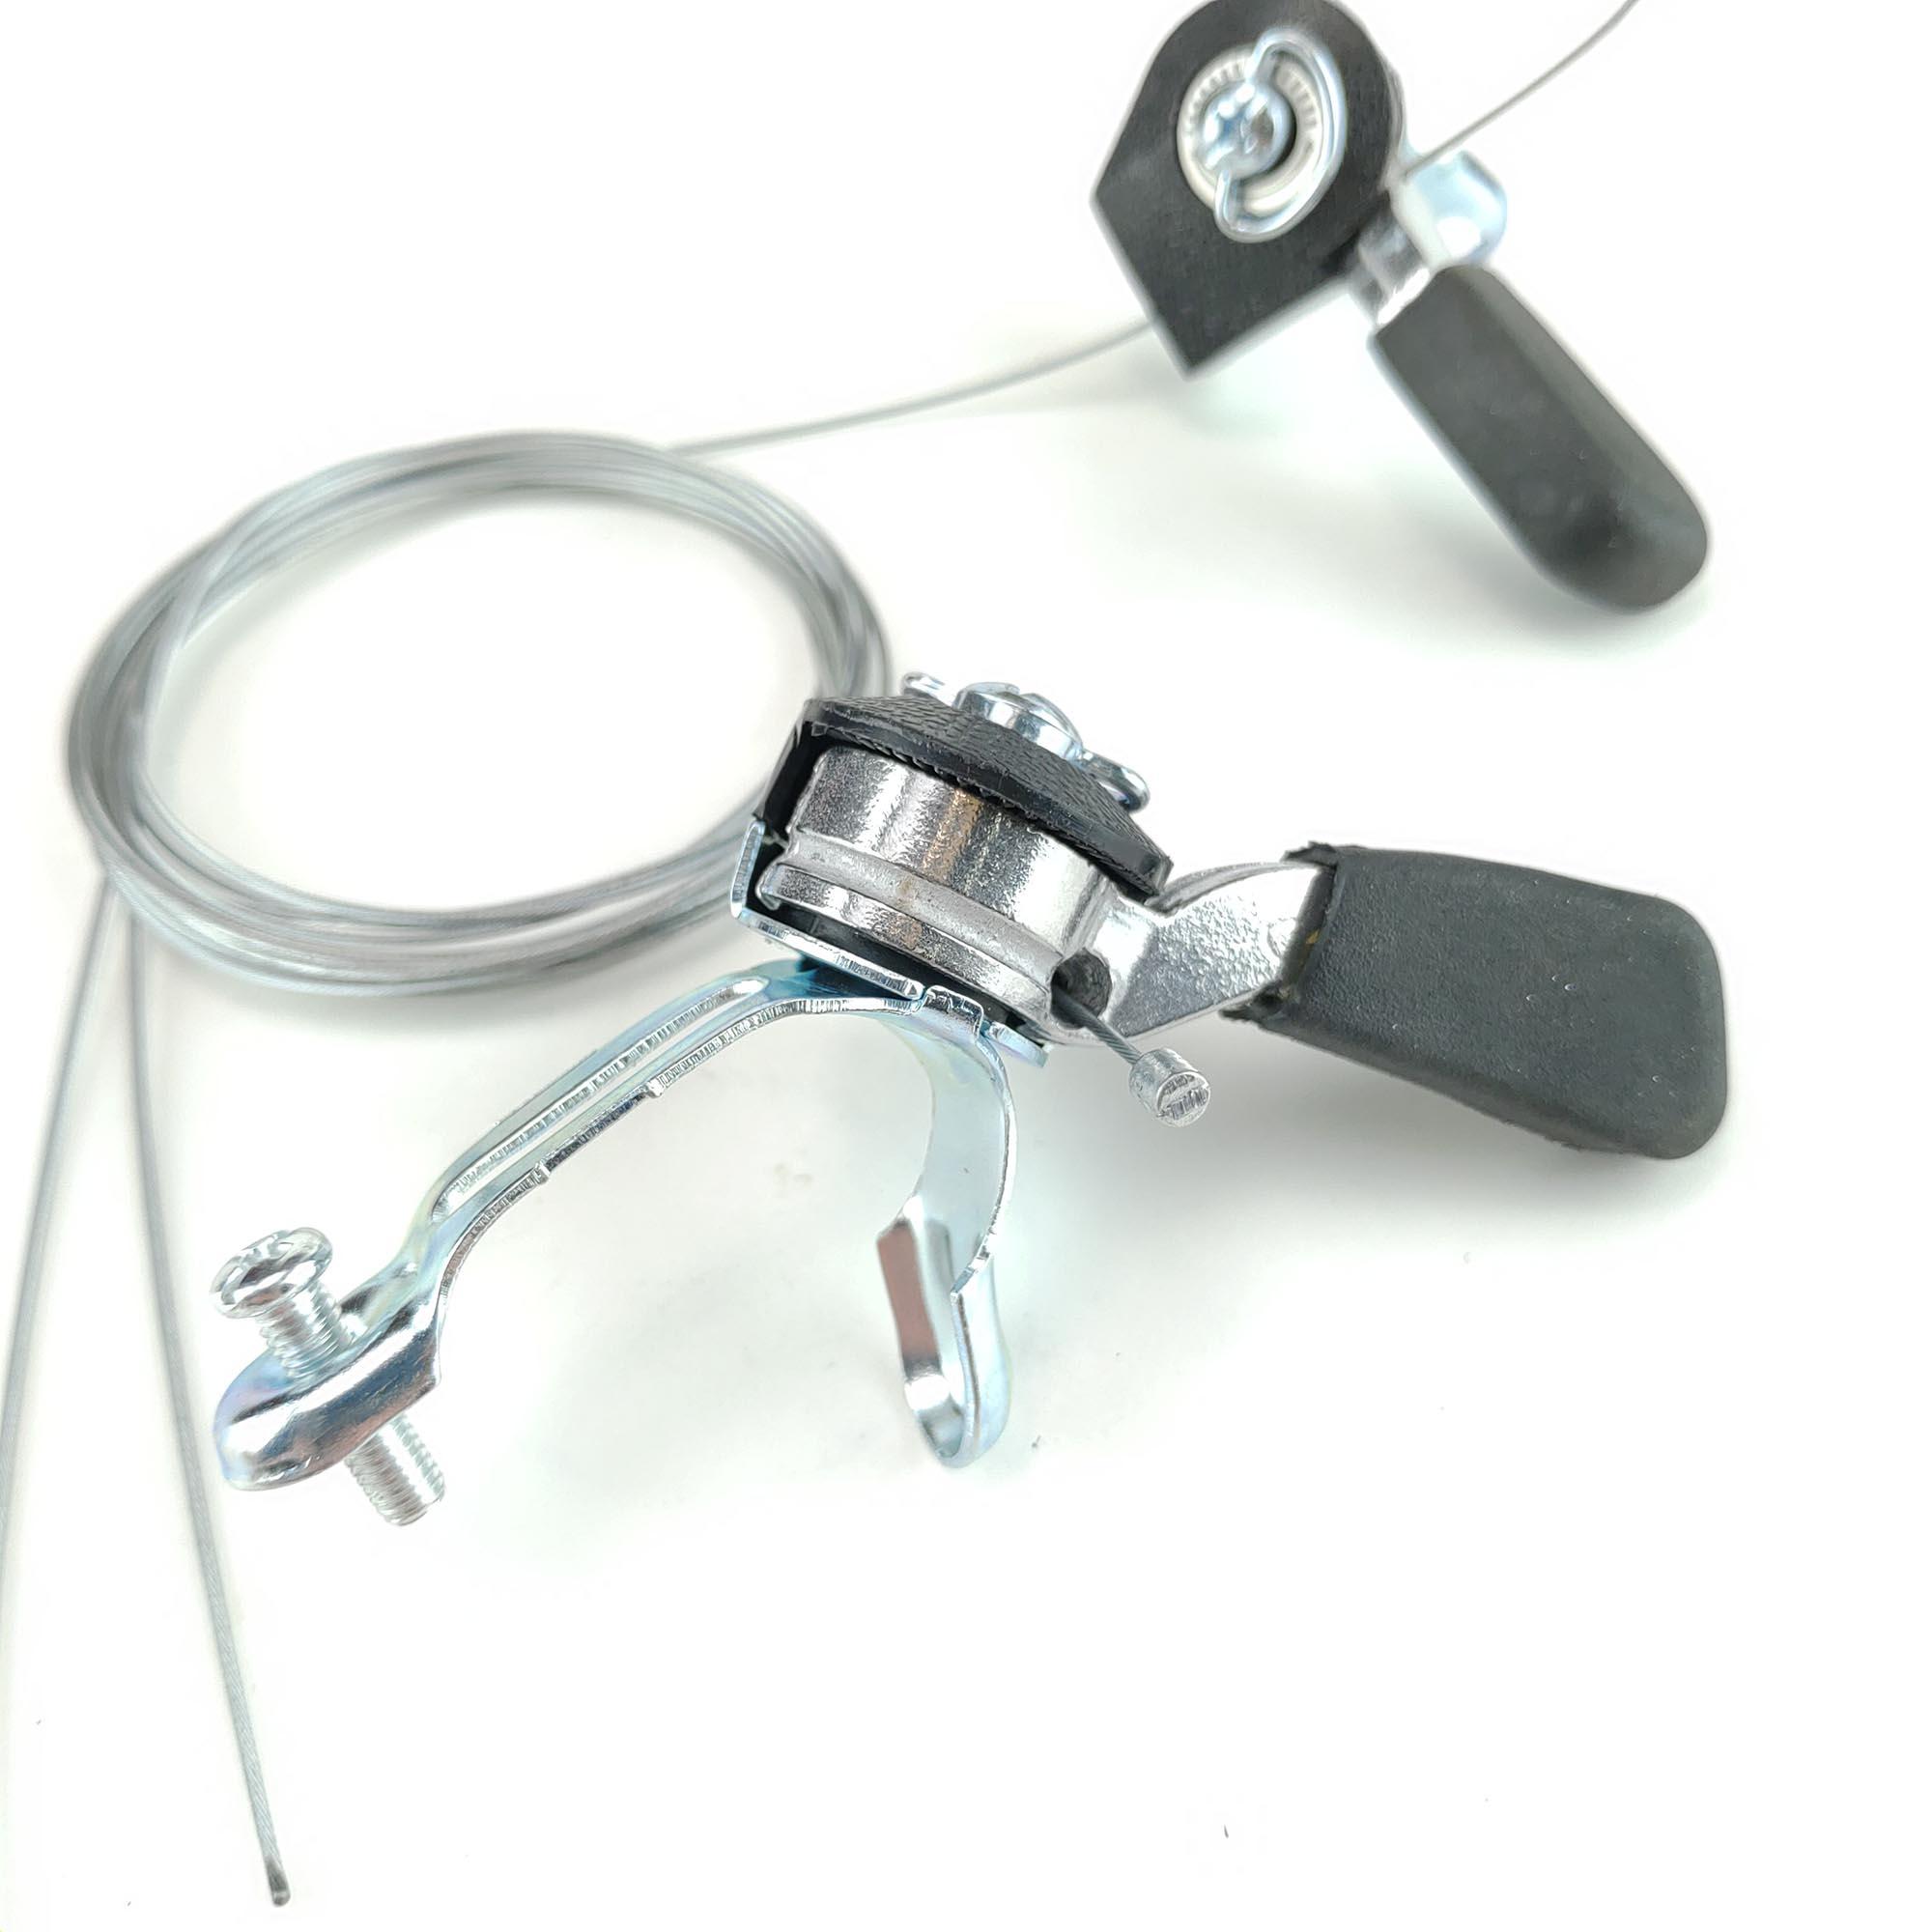 Passador de Marcha Bicicleta Wg não Indexado Aluminio 00555